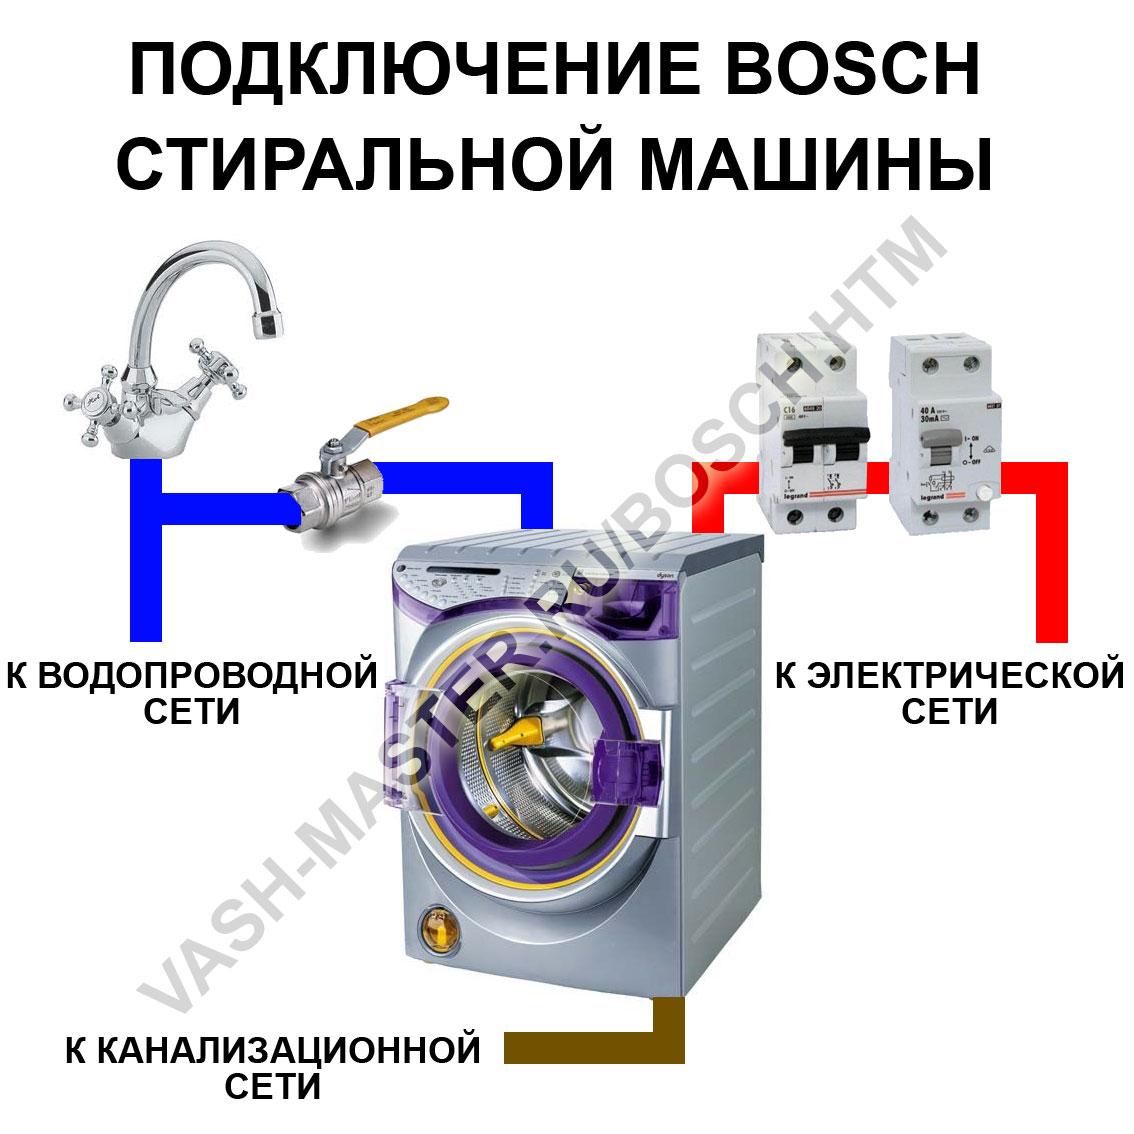 Подключение стиральной машины robert gmbh